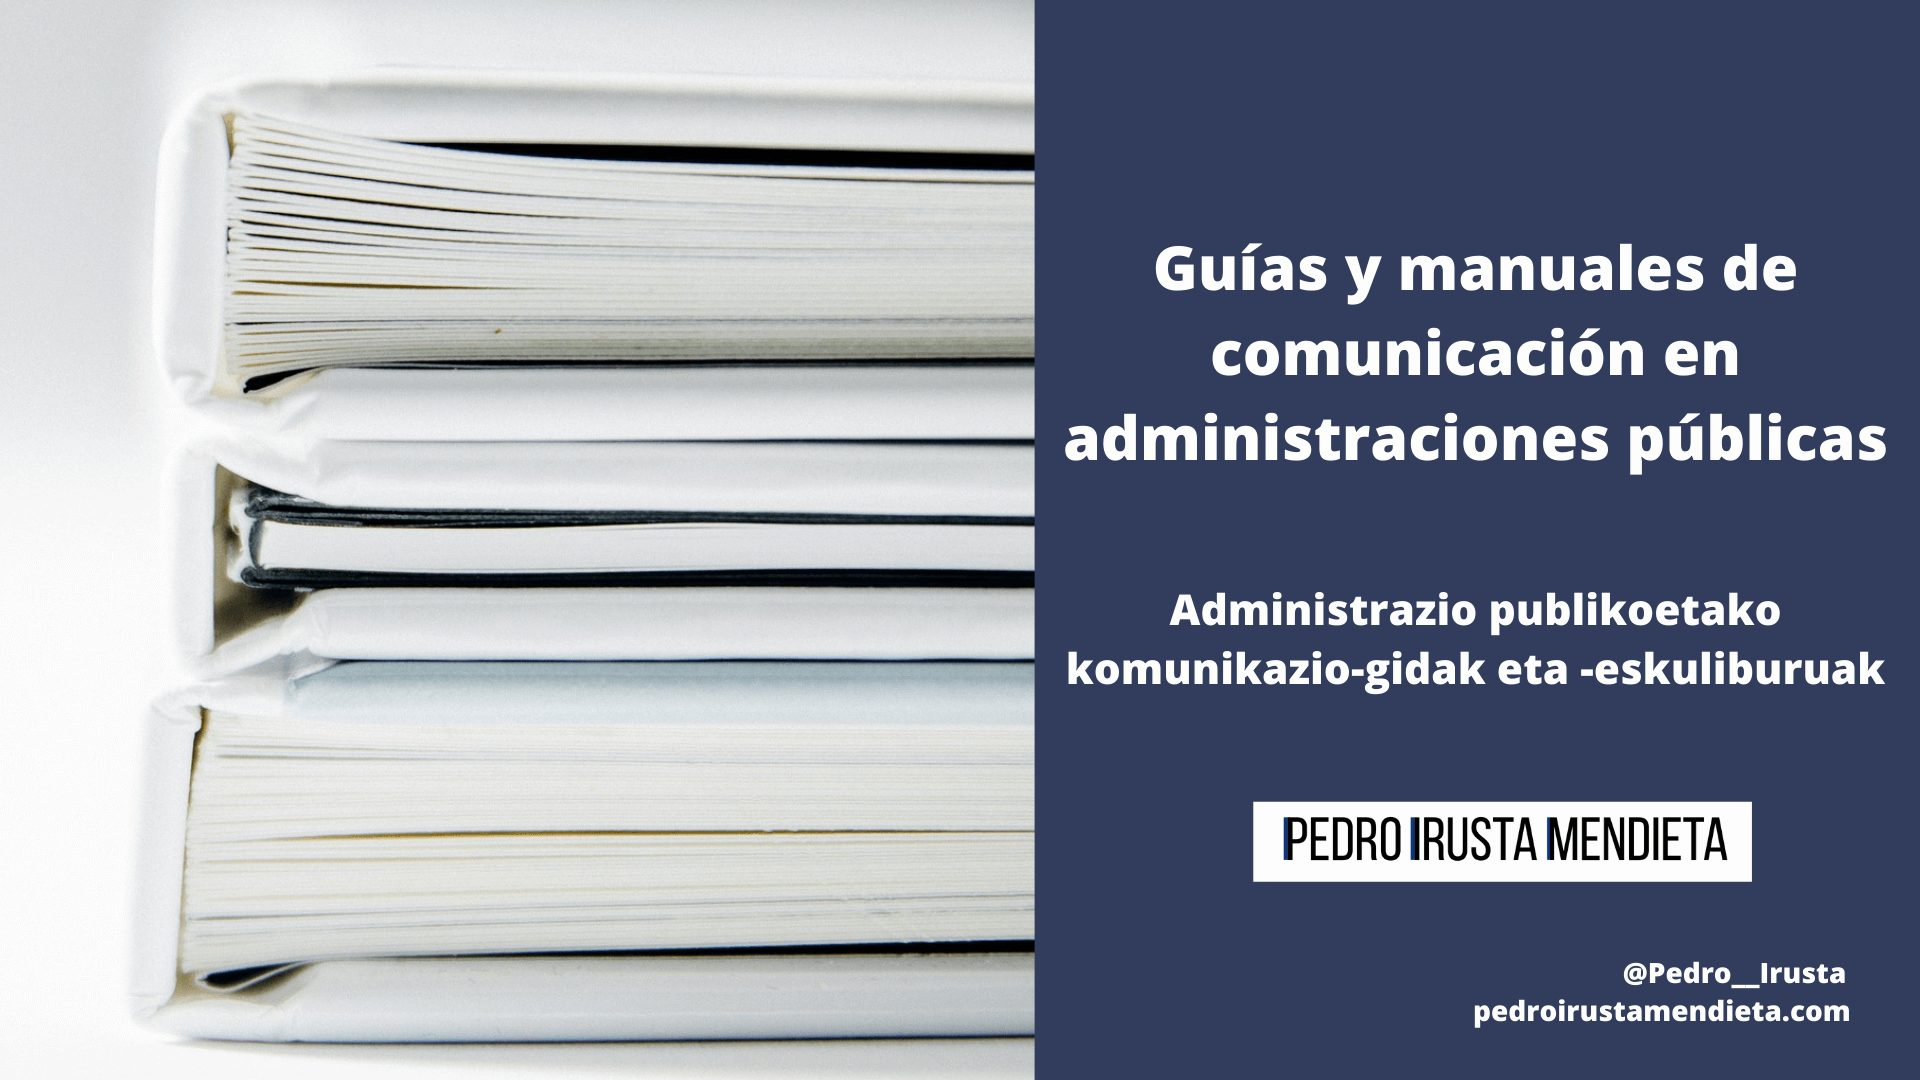 Guías y manuales de comunicación en administraciones públicas